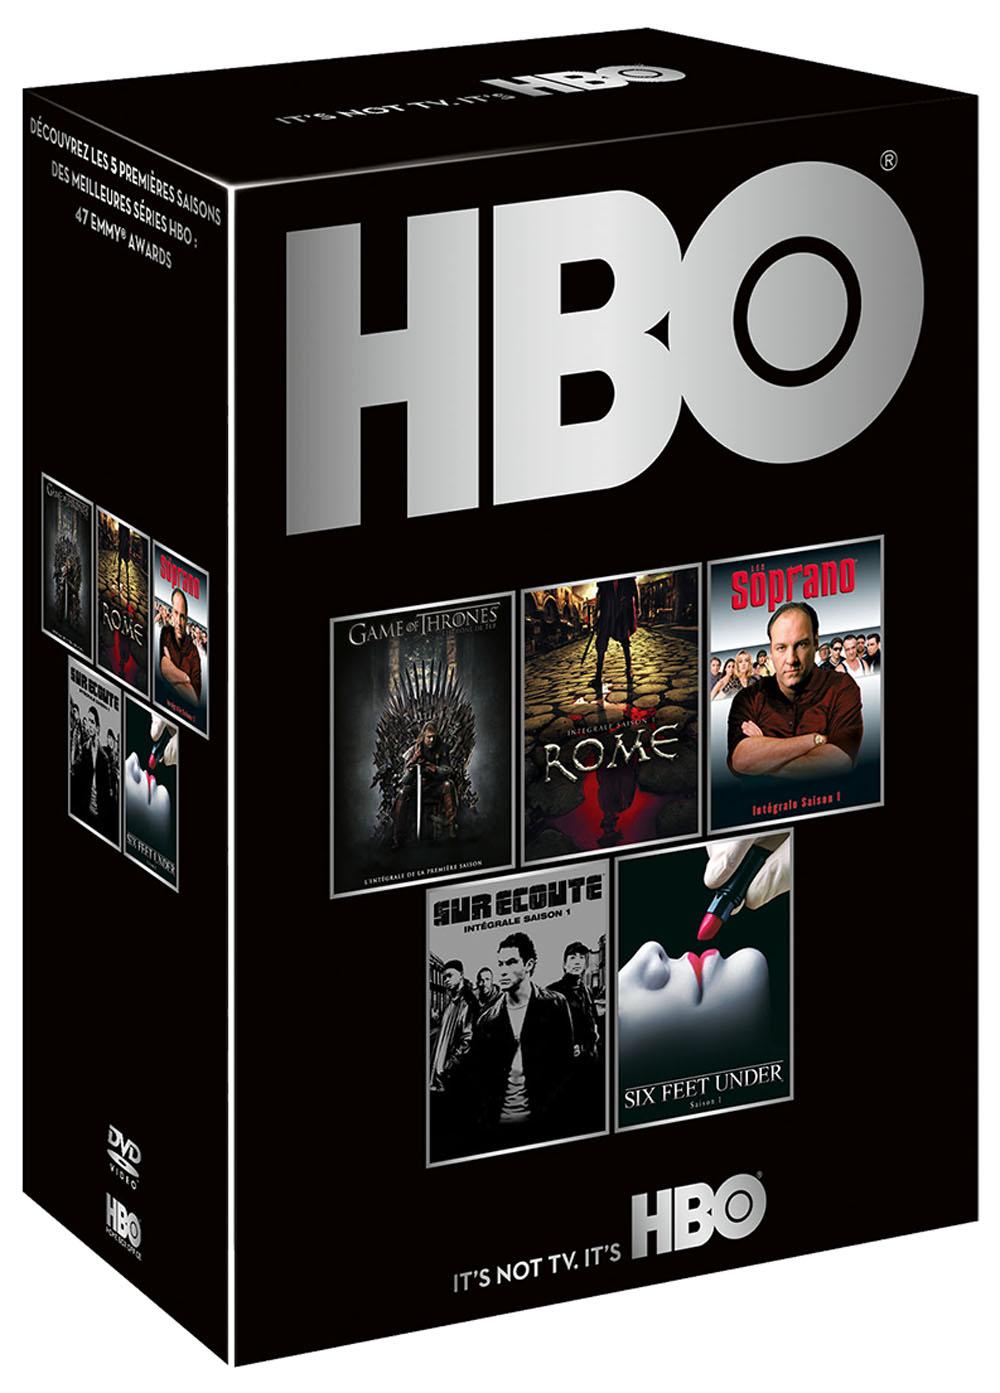 Coffret DVD - HBO découverte - Saisons 1 - Game of Thrones + The Soprano + Rome + Sur écoute + Six Feet Under